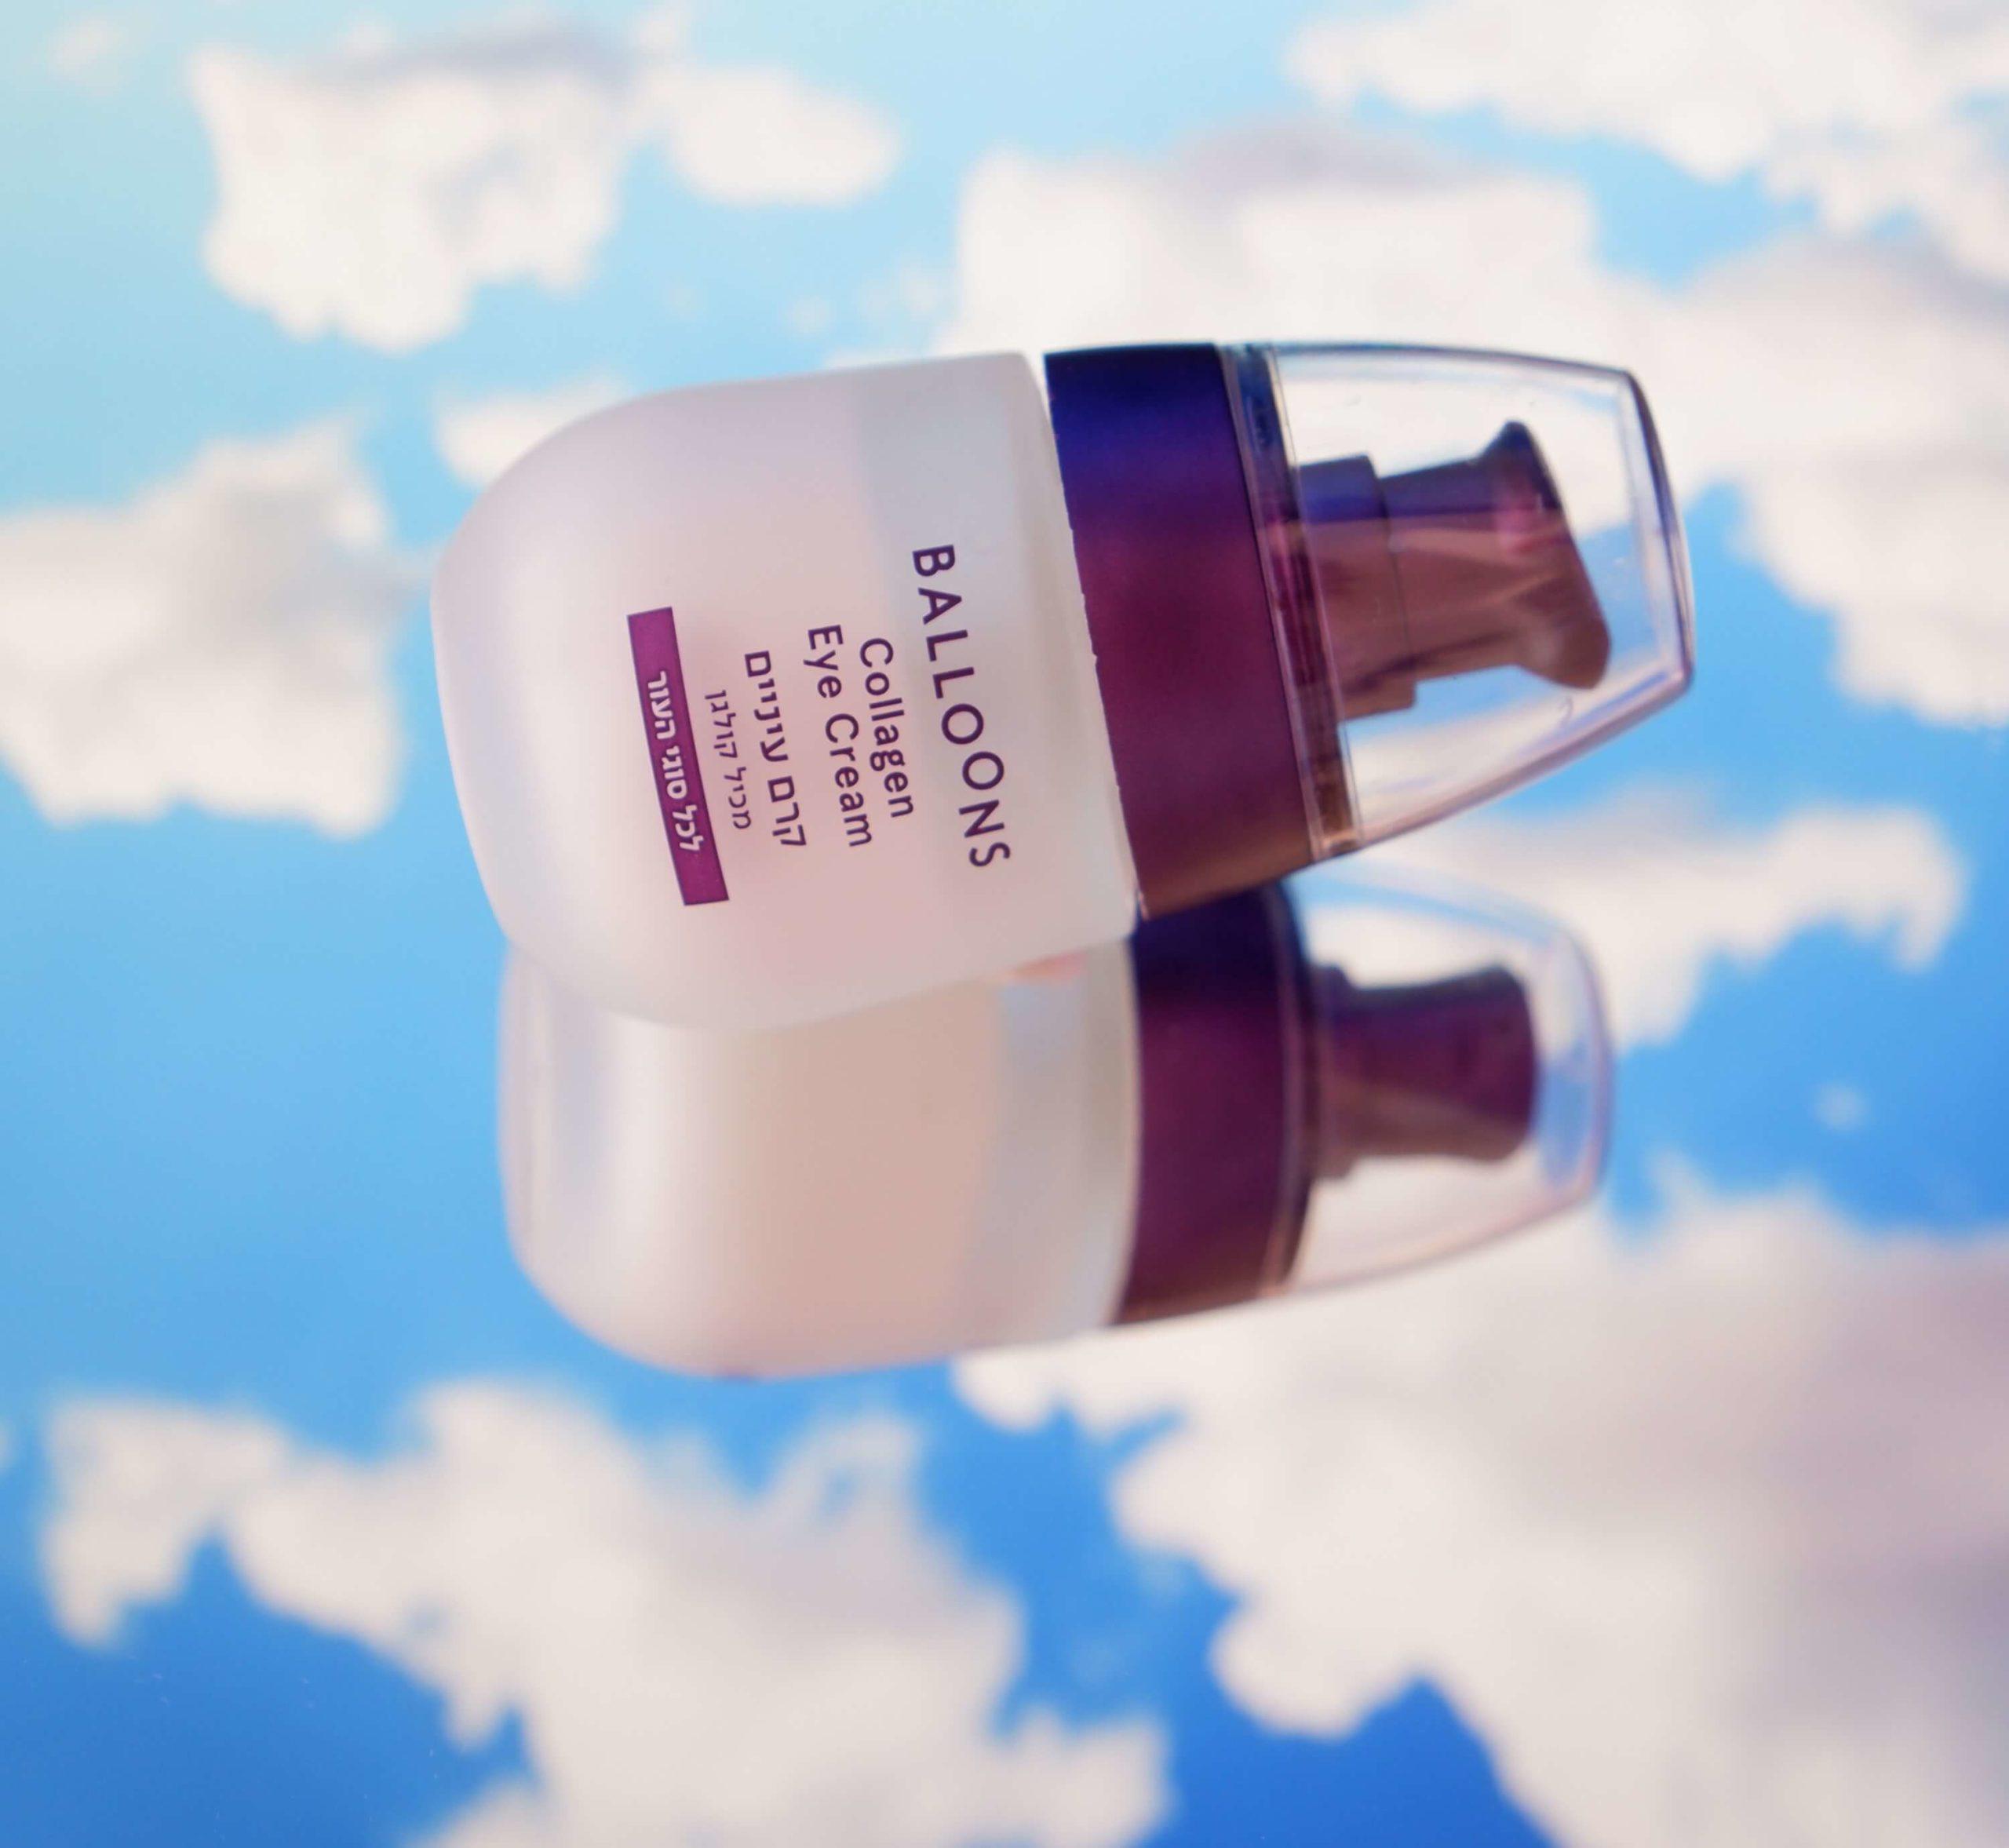 מותג הטואלטיקה לצעירות BALLOONS משיק מוצרי טיפוח לעור הפנים בעלי סגולות מהטבע. סקירה דוסיז צרכנות